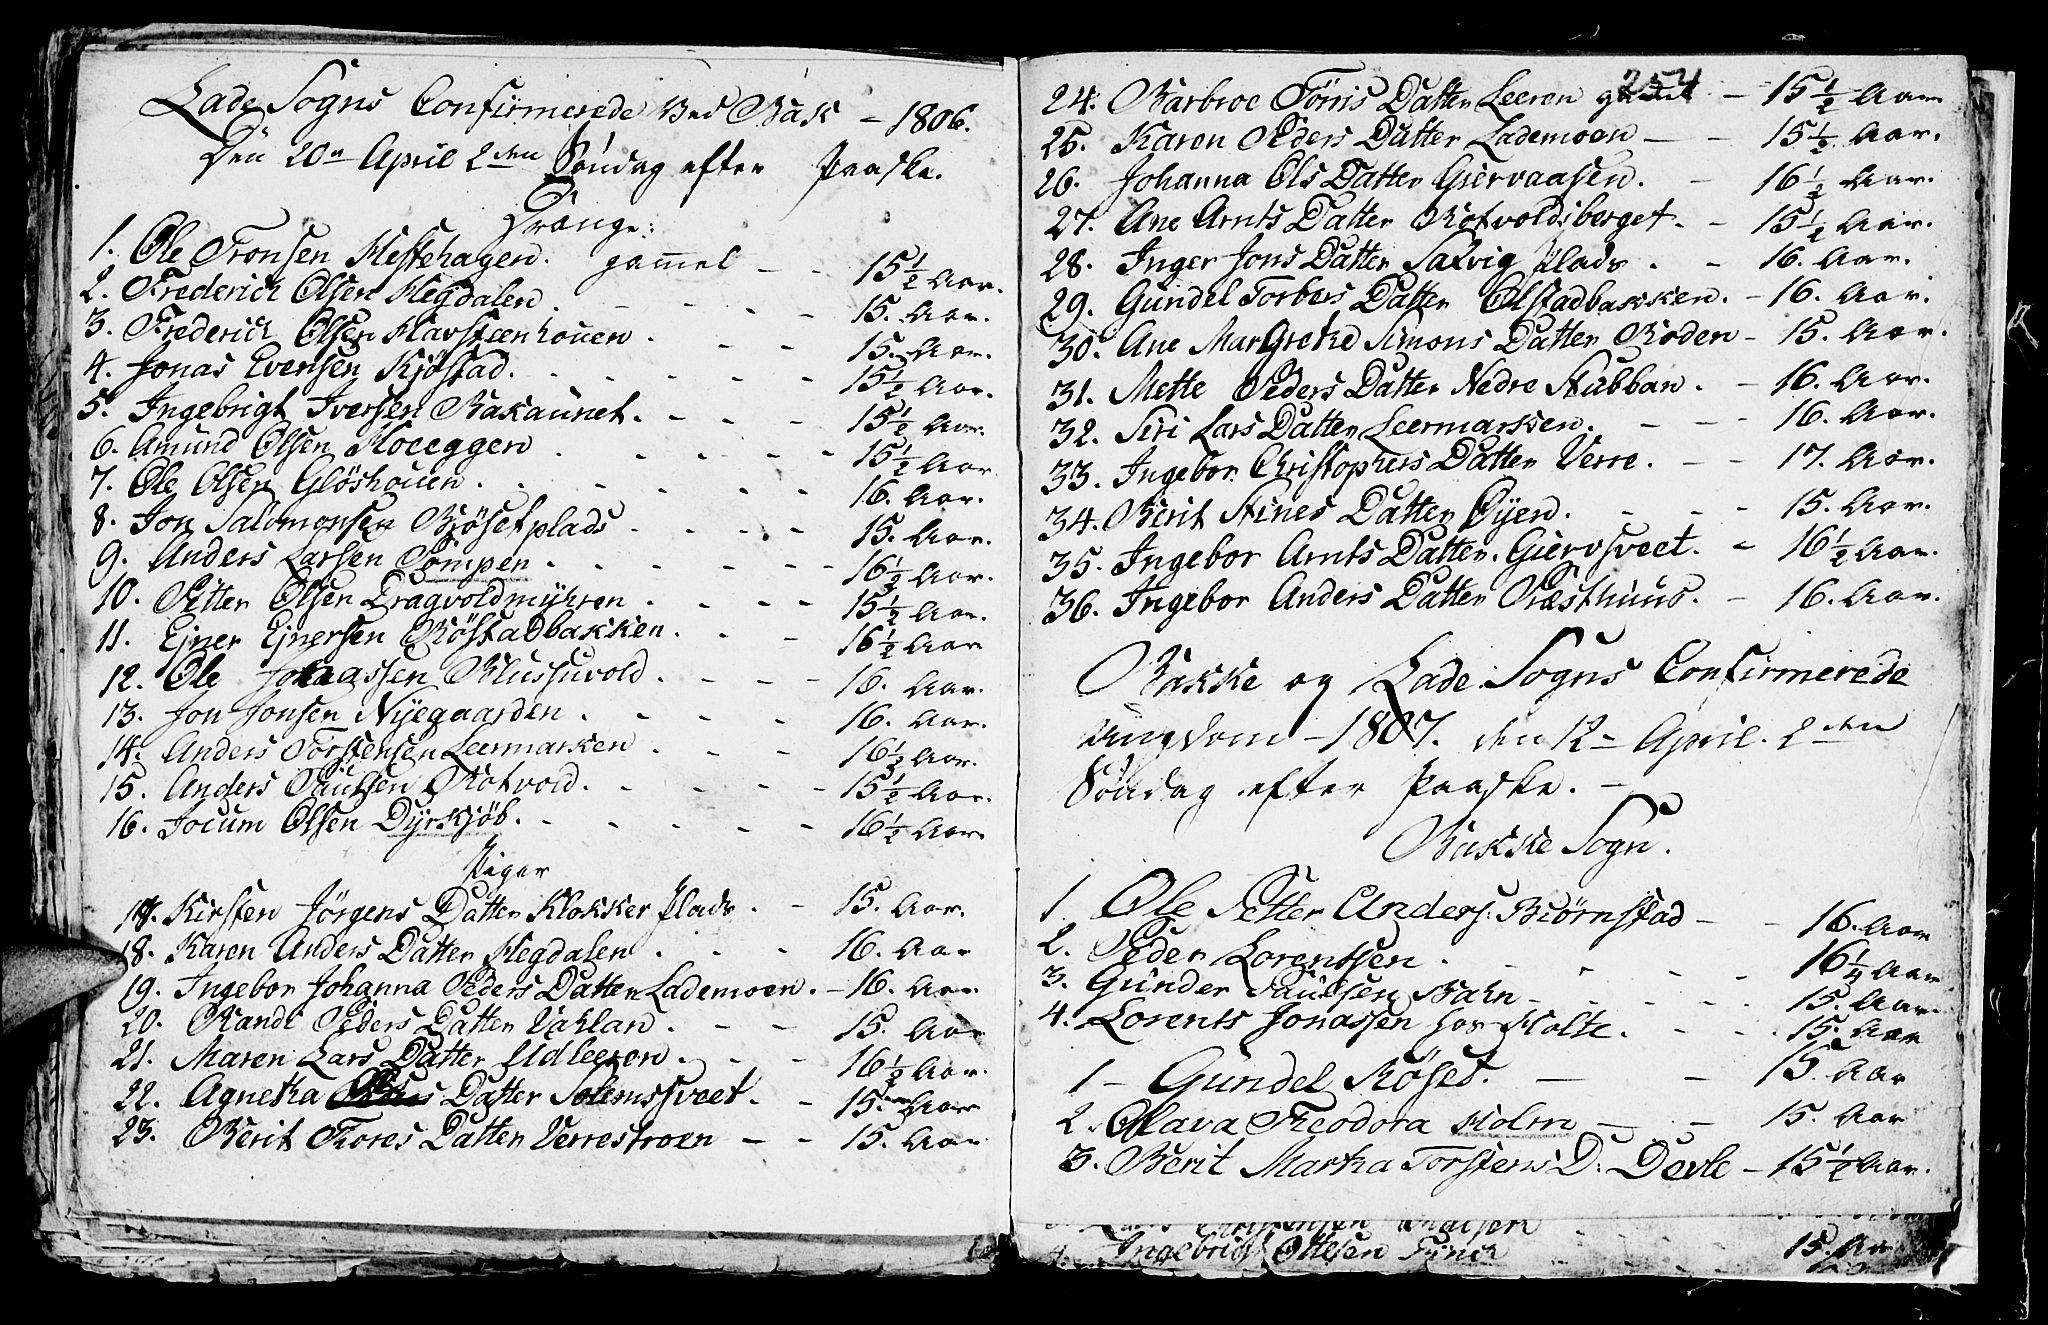 SAT, Ministerialprotokoller, klokkerbøker og fødselsregistre - Sør-Trøndelag, 604/L0218: Klokkerbok nr. 604C01, 1754-1819, s. 254